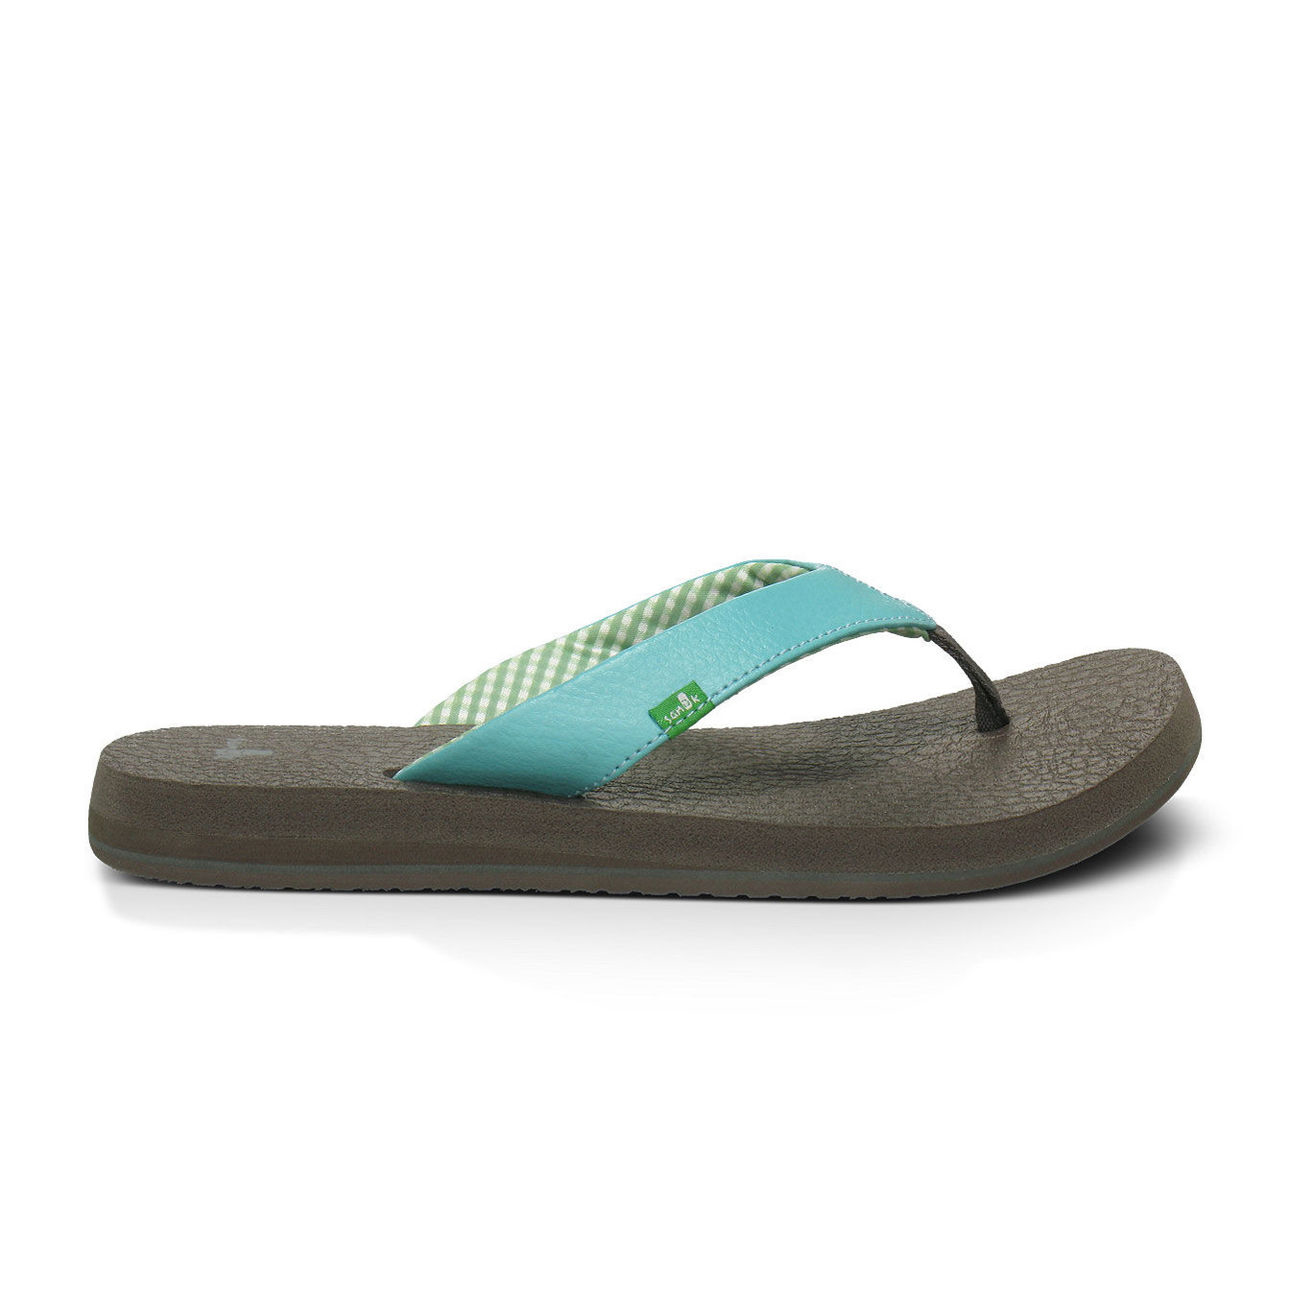 Sanuk Yoga Mat Womens Shoes